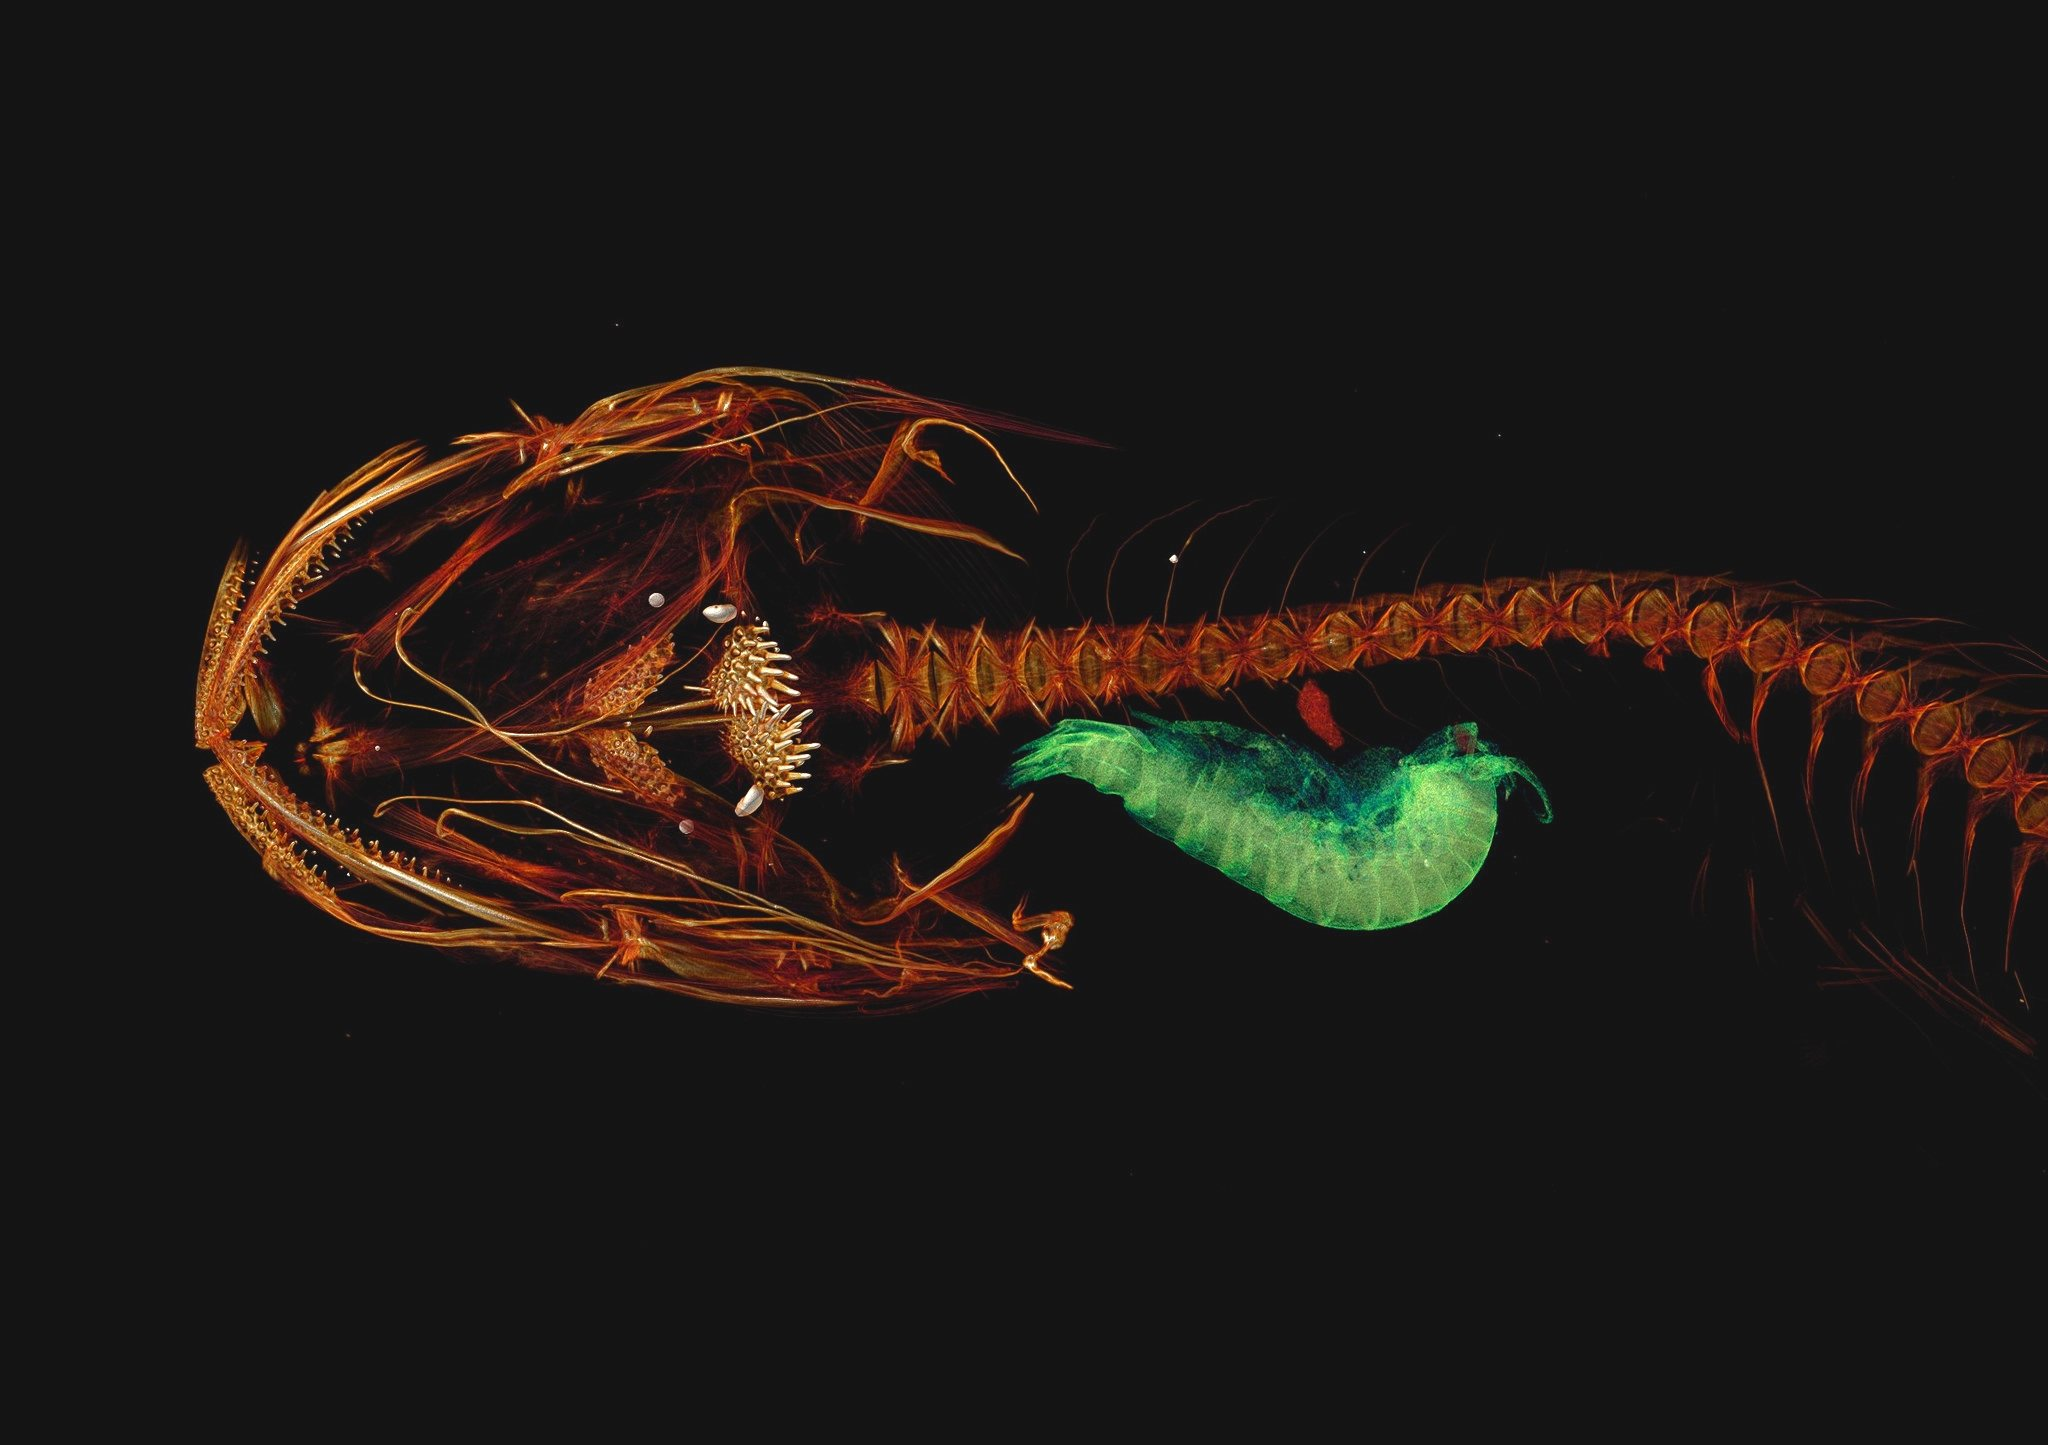 Pseudoliparis Swirei (Universidad de Washington)